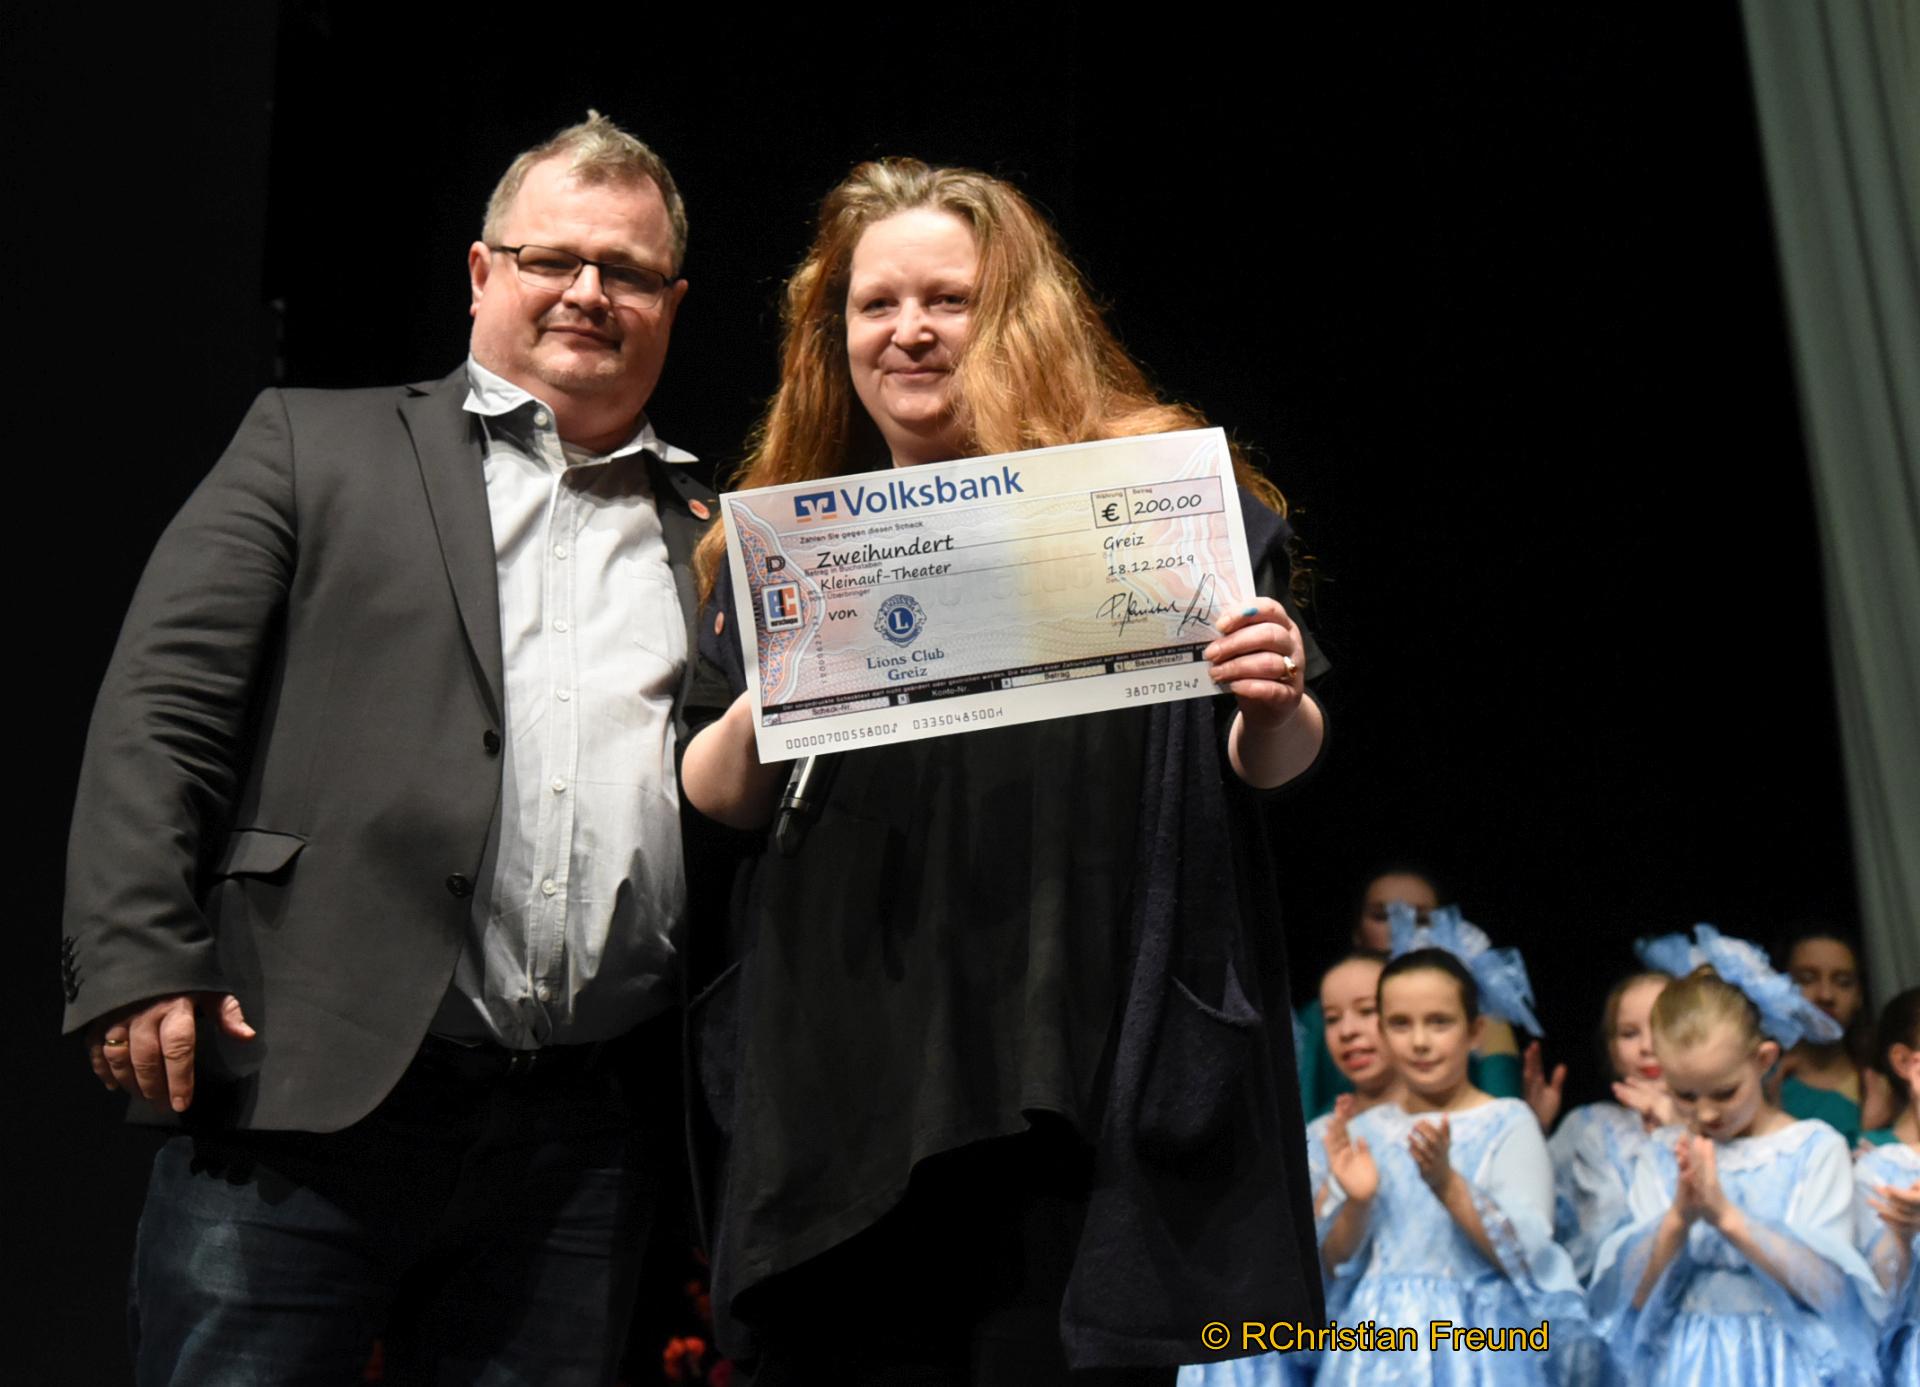 Eine Spende in Höhe von 200 Euro übergab Holger Steiniger vom Greizer Lions Club am Ende der siebenten Aufführung im Rahmen der diesjährigen Saison des traditionellen Weihnachtsmärchens an Anke Hartmann vom Kleinauf-Theater Greiz.